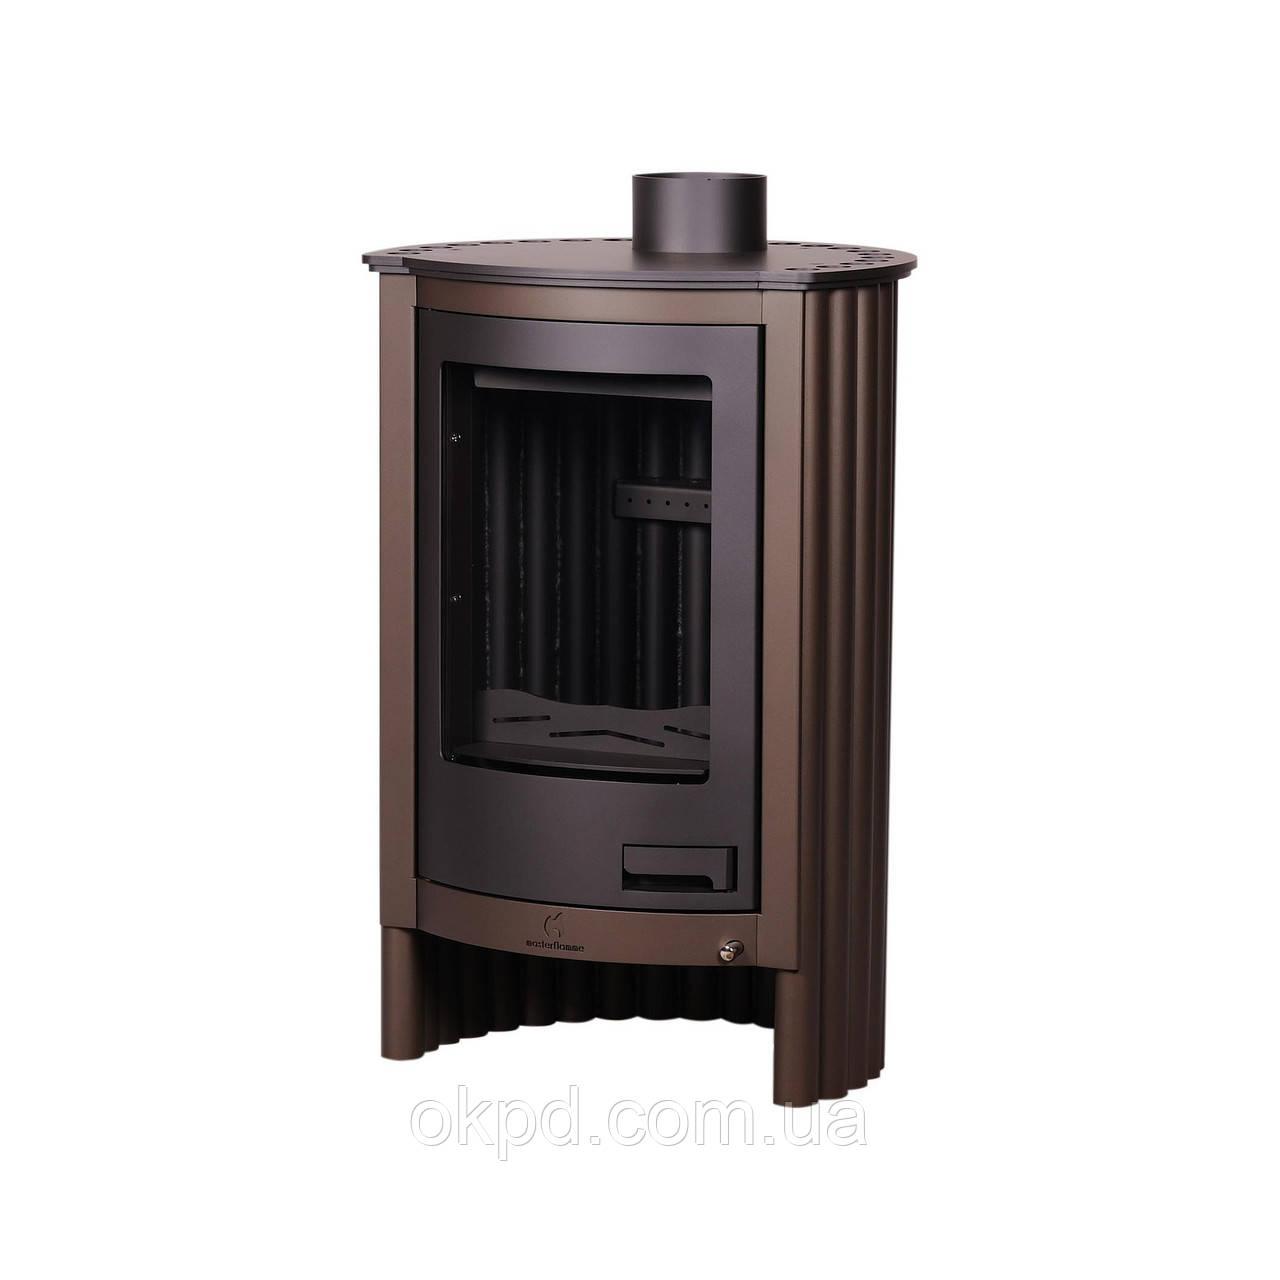 Отопительная печь-камин длительного горения Masterflamme Piccolo I (коричневый бархат)